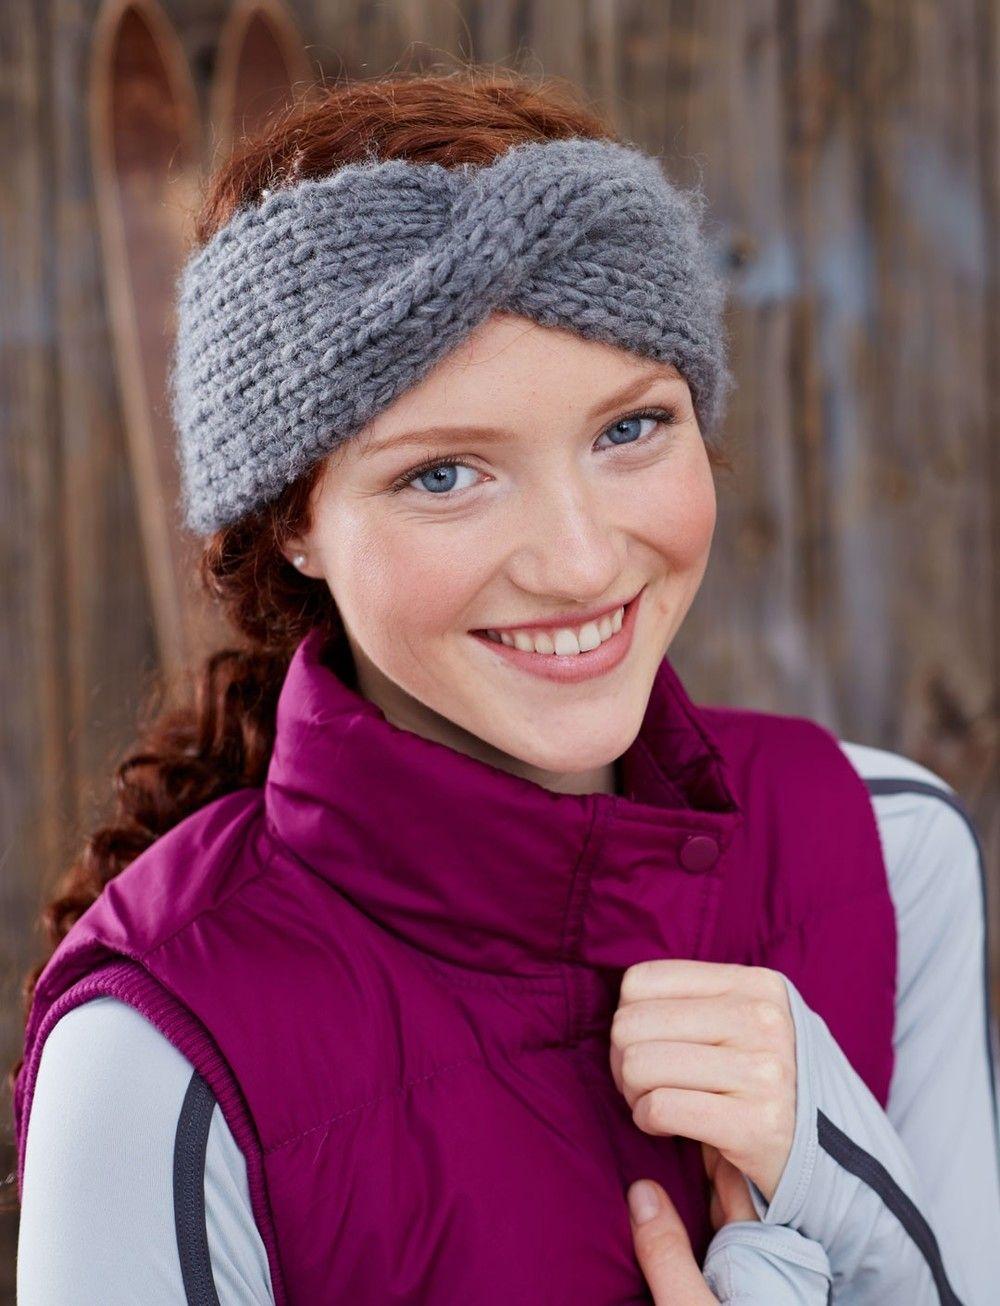 Twisted Sister Headband | Beginner knitting, Knit headband pattern ...